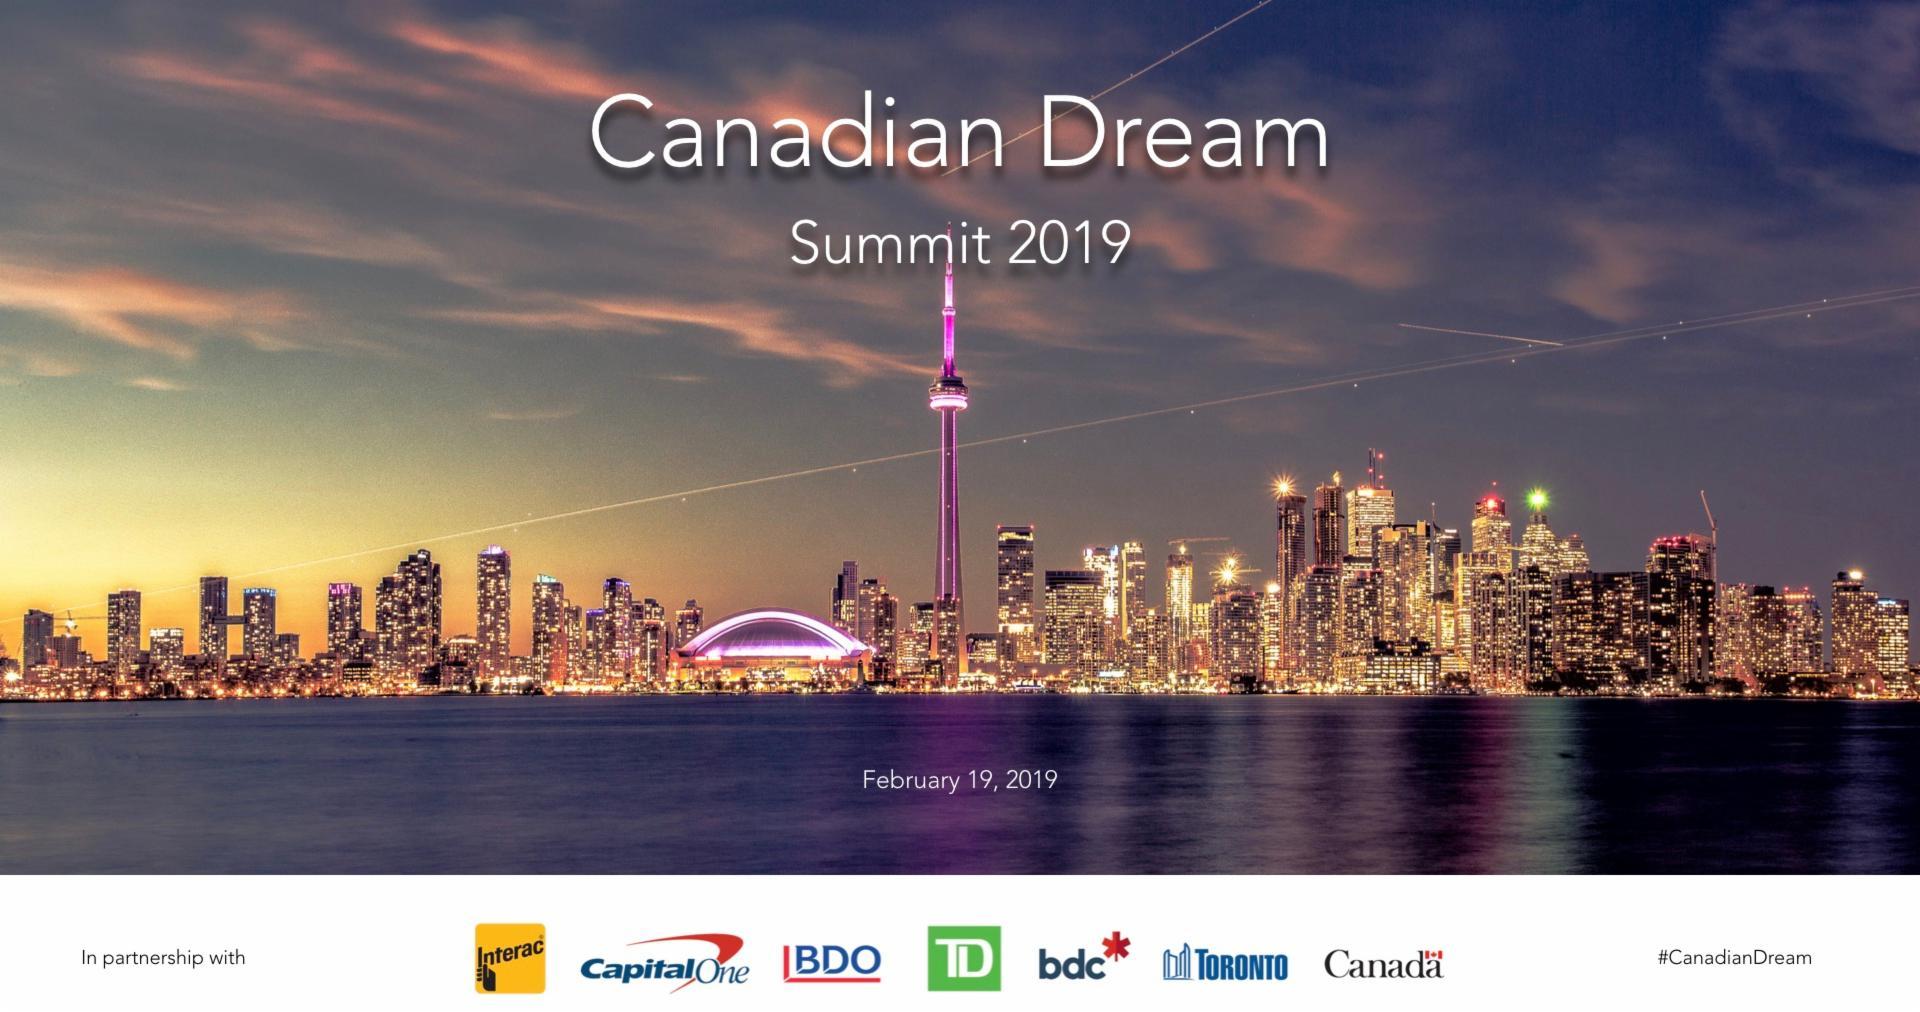 Canadian Dream Summit 2019.jpg